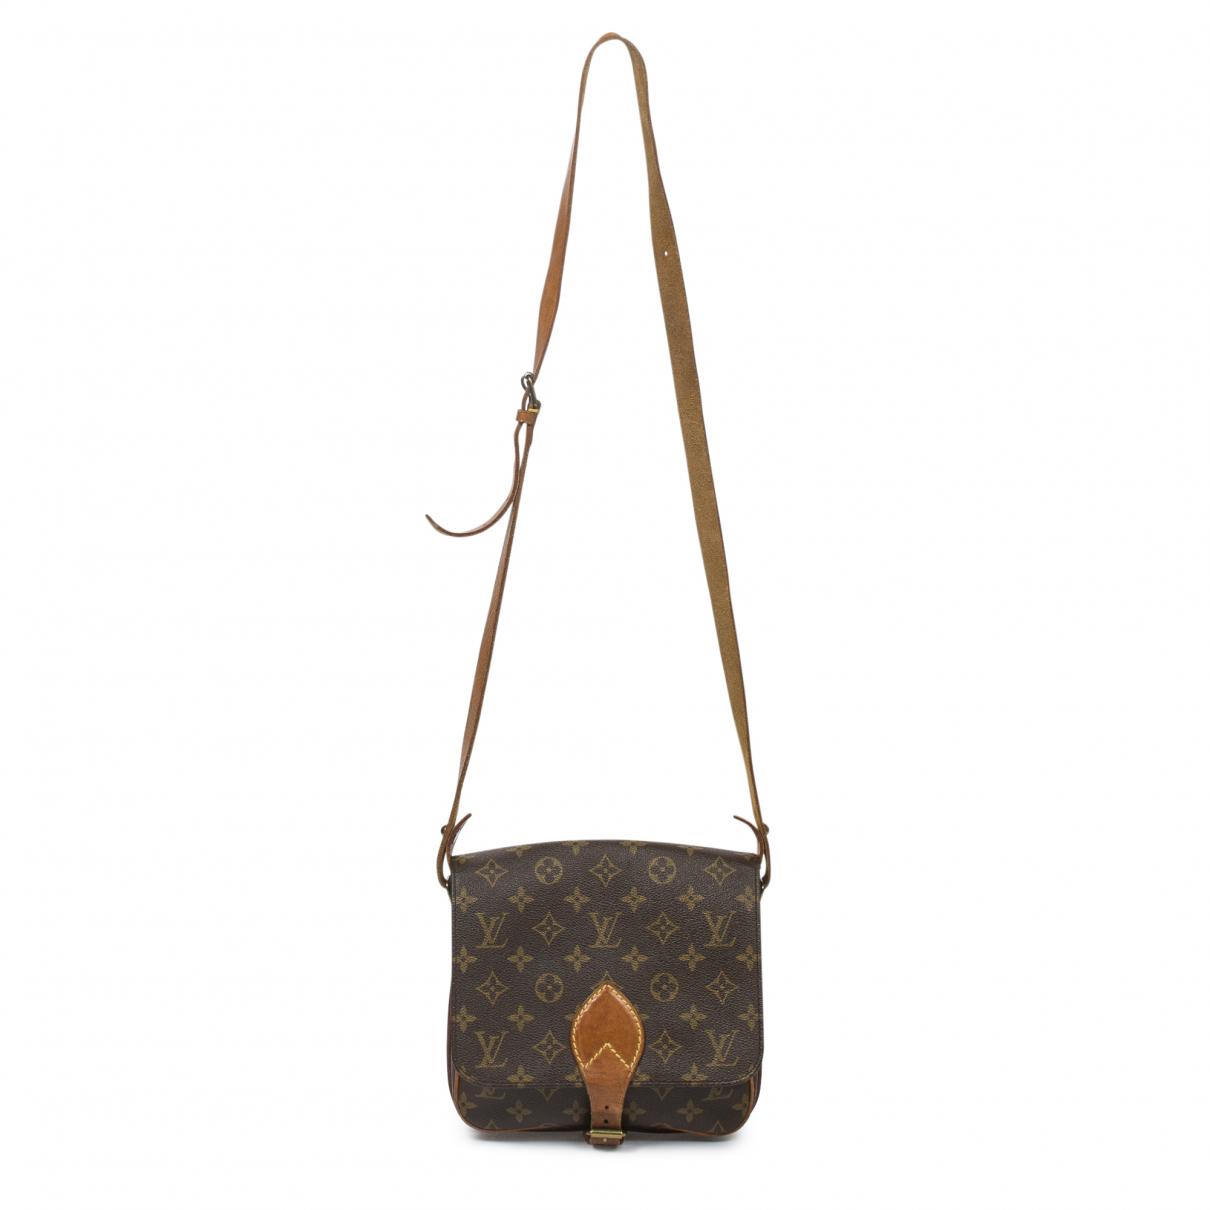 Bolso Cartouchiere Louis Vuitton